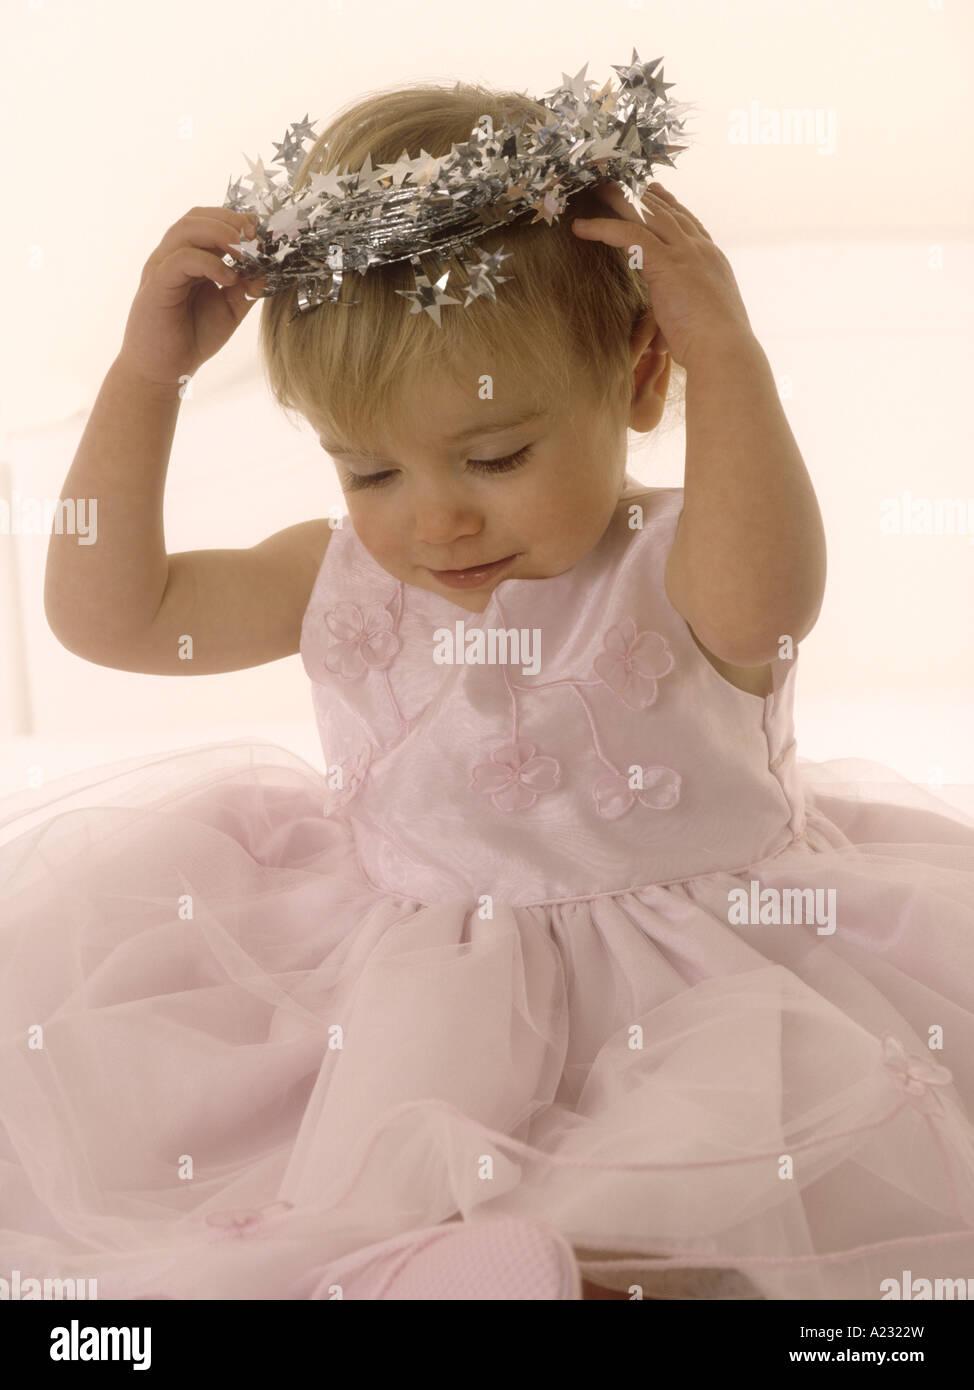 Kleinkind tragen eine rosa Party Kleid betrachten ein Flitter halo ...